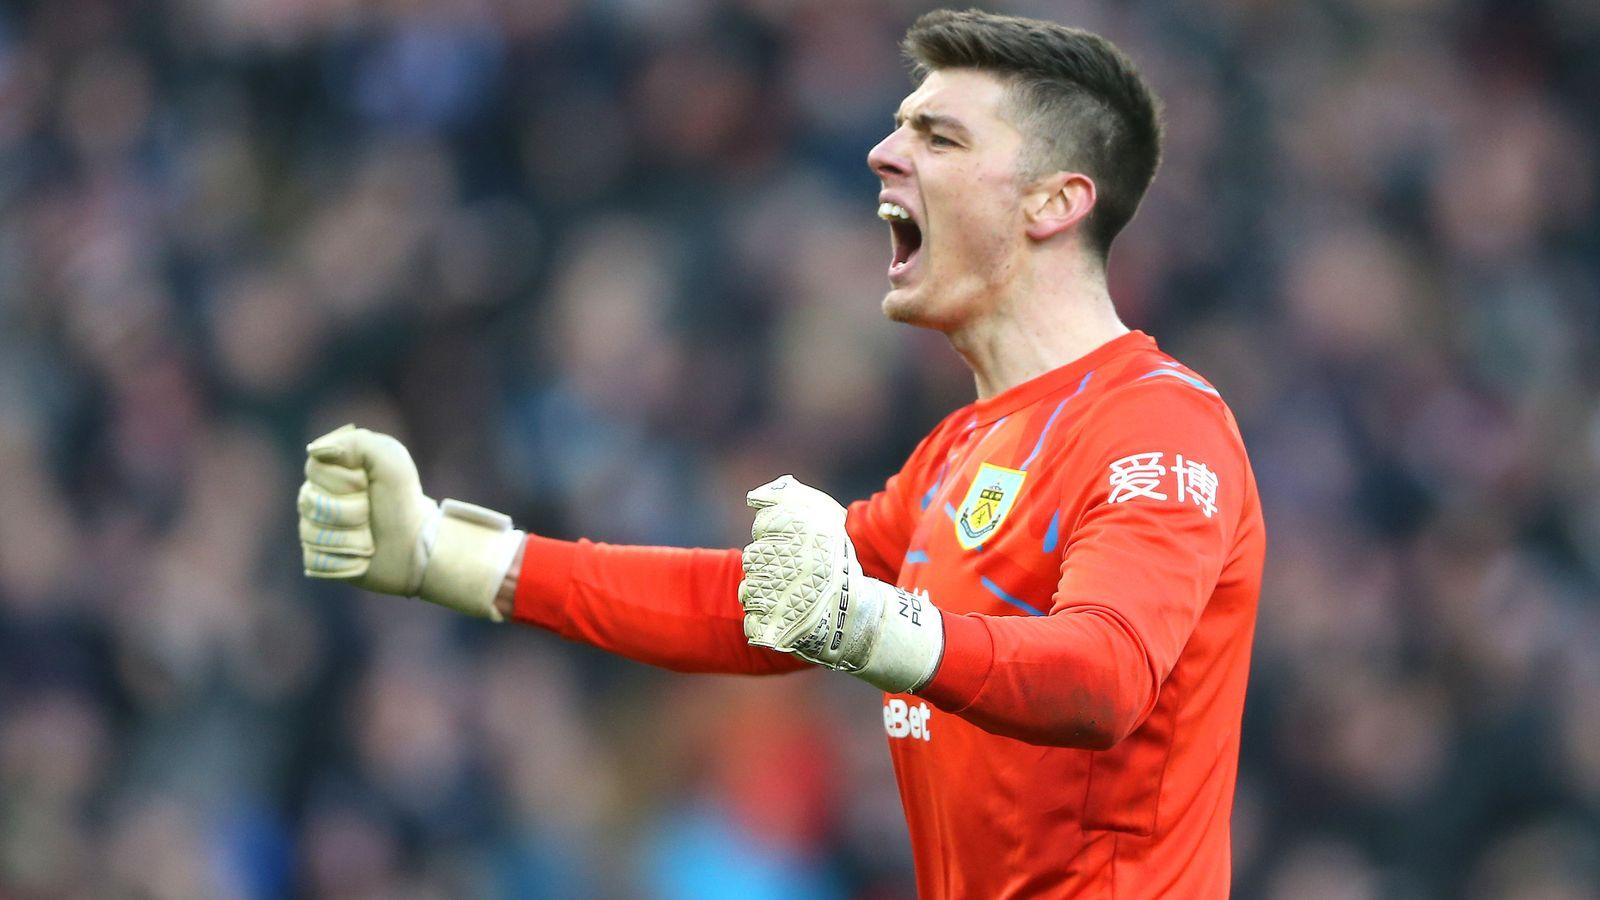 Burnley 2-1 Leicester: Nick Pope saves Jamie Vardy penalty as Clarets break losing run